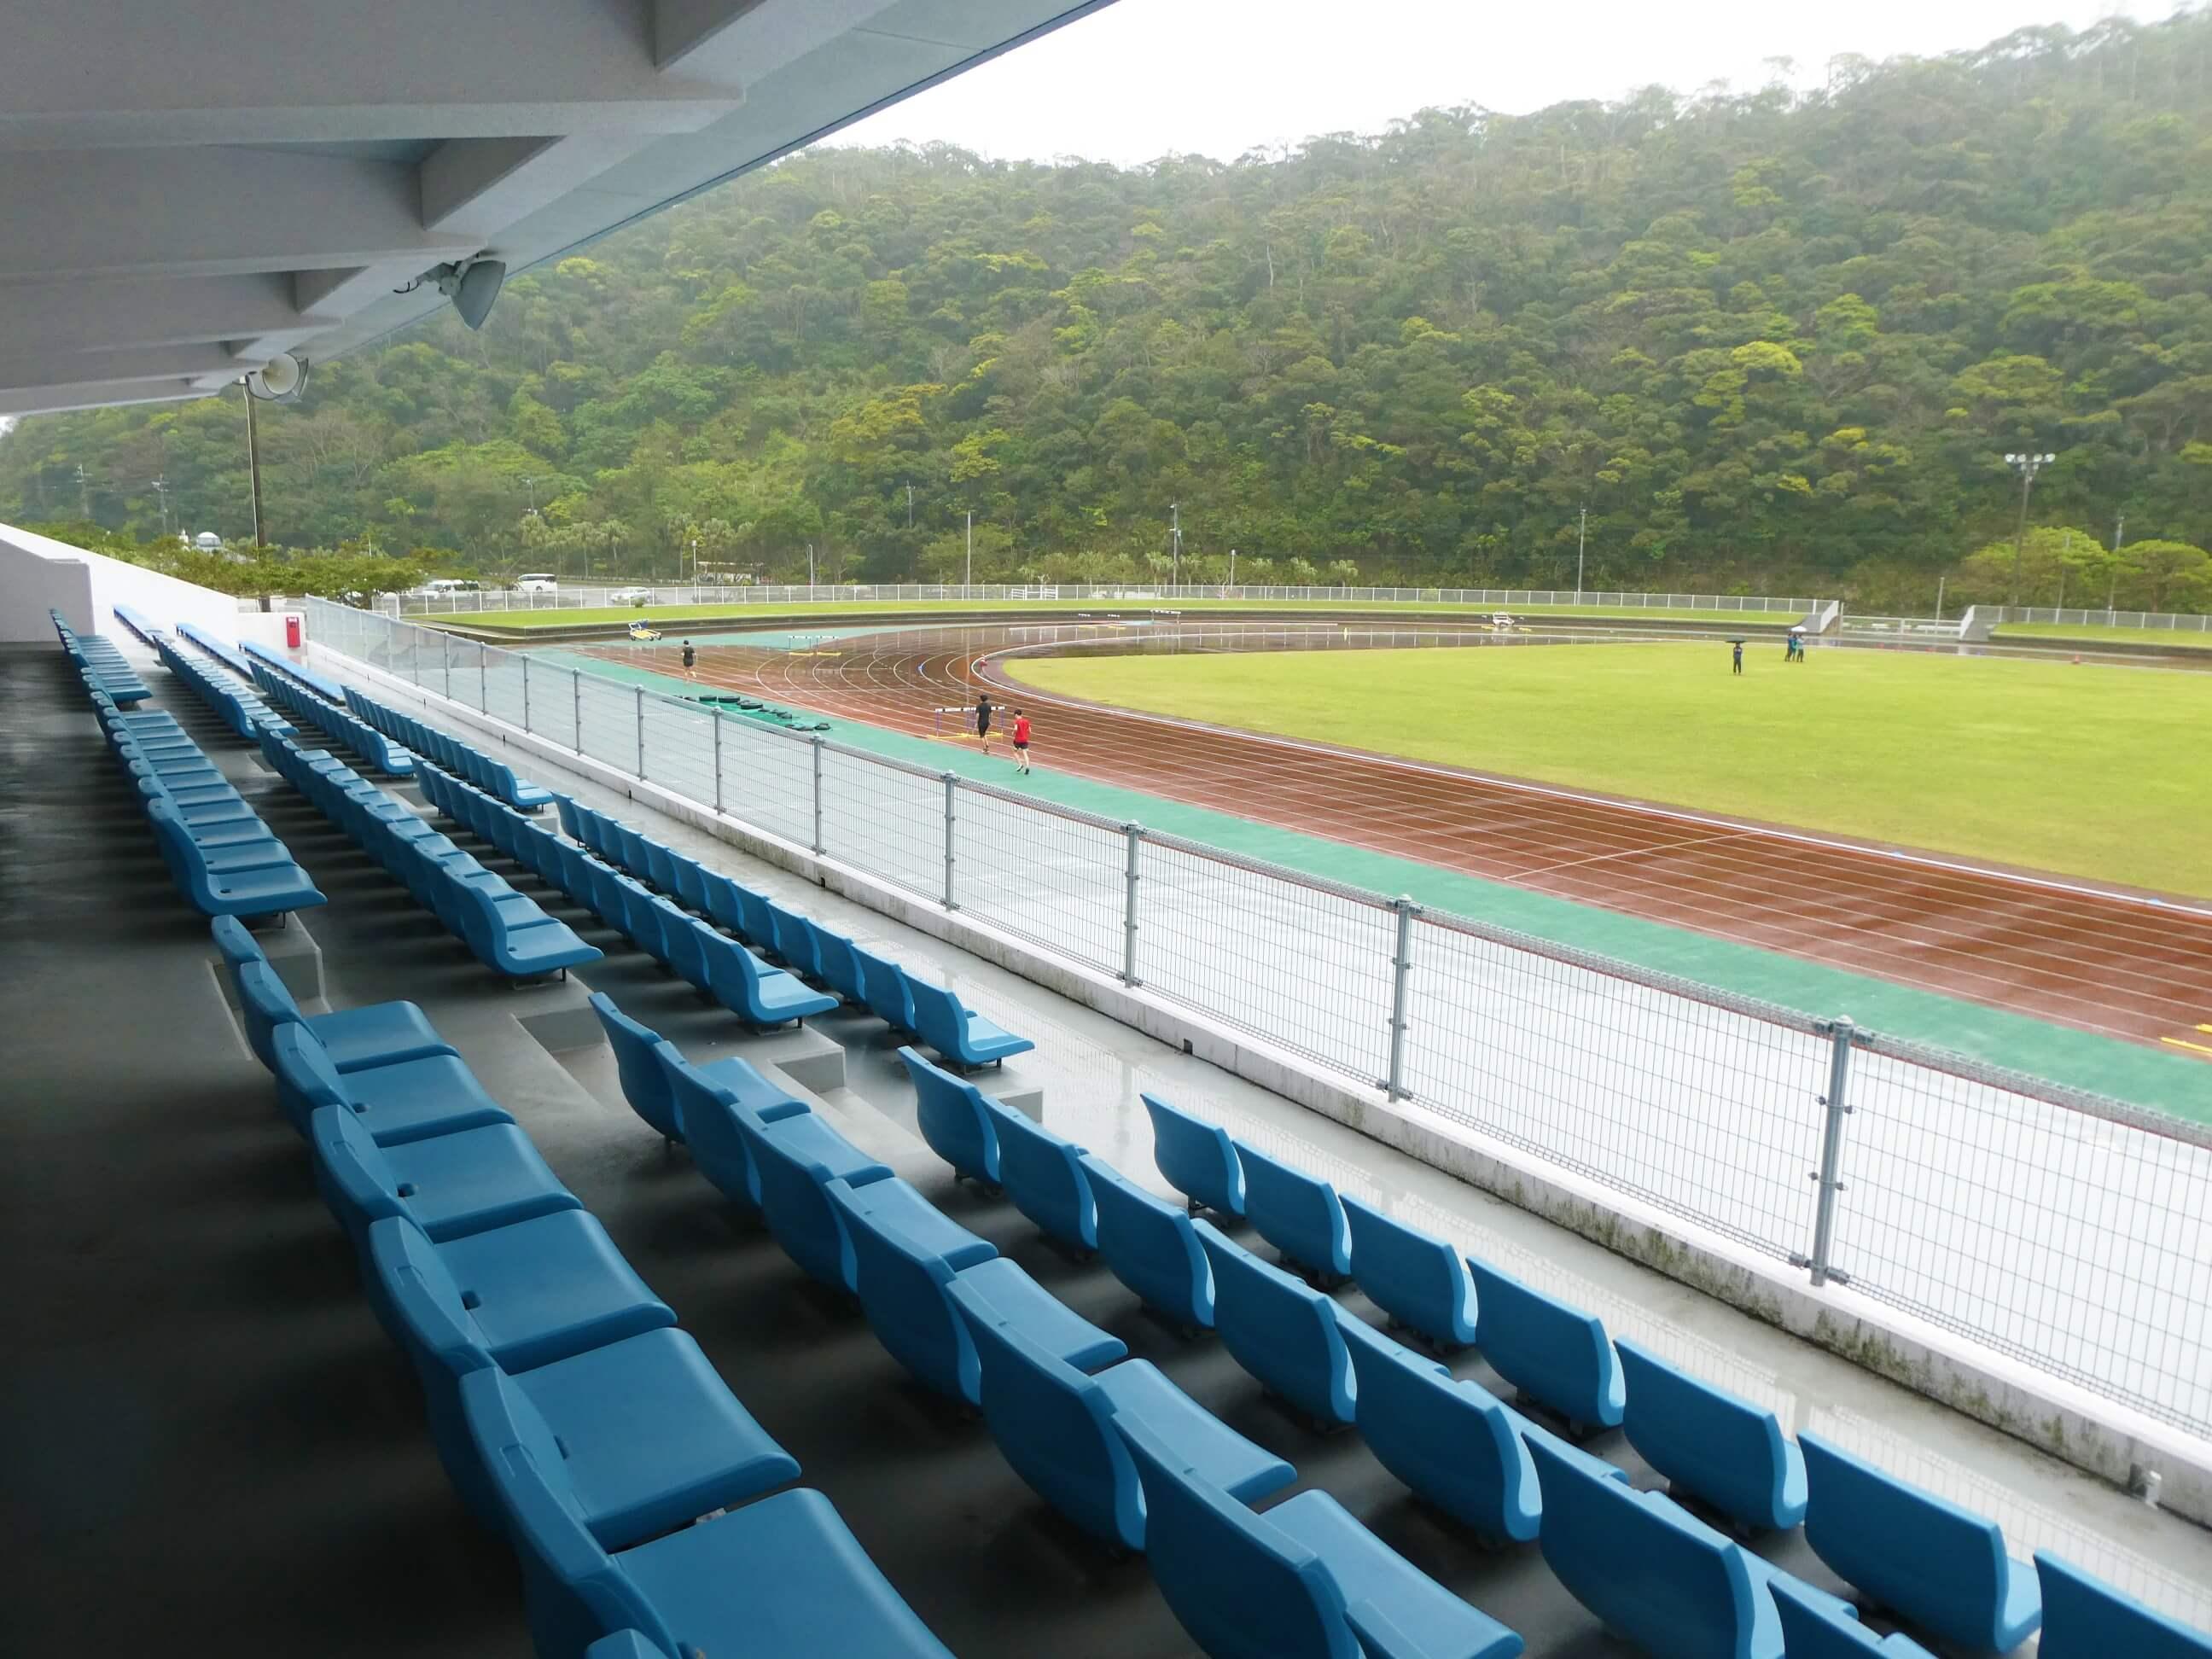 奄美にある名瀬運動公園内の競技場